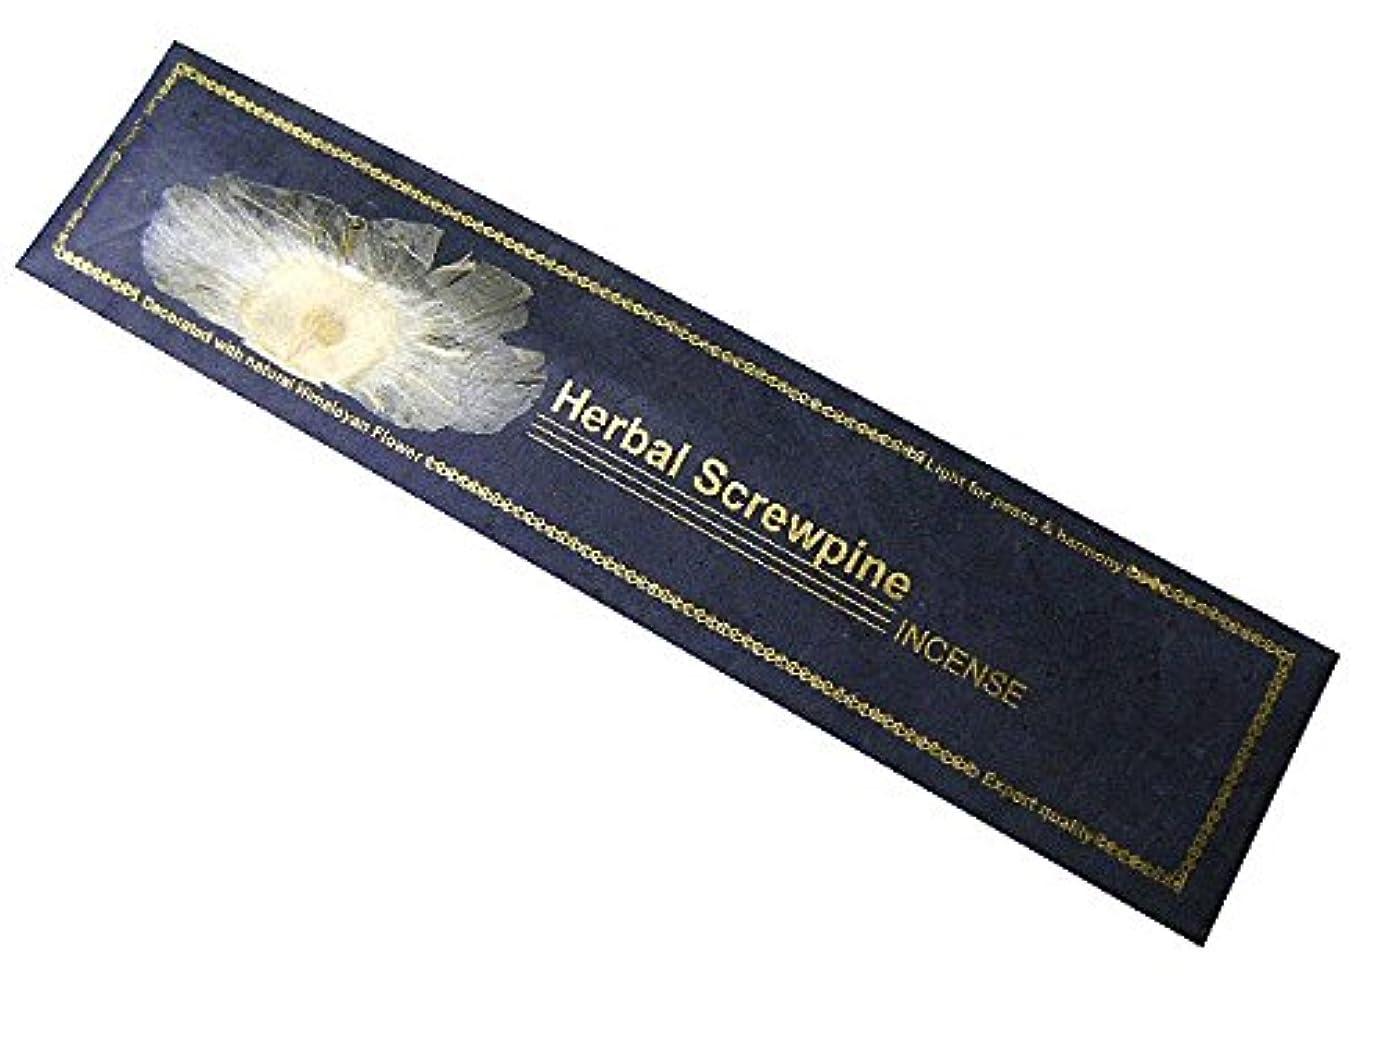 音義務づけるモールス信号NEPAL INCENSE ネパールのロクタ紙にヒマラヤの押し花のお香【HerbalScrewpineハーバルスクリューパイン】 スティック